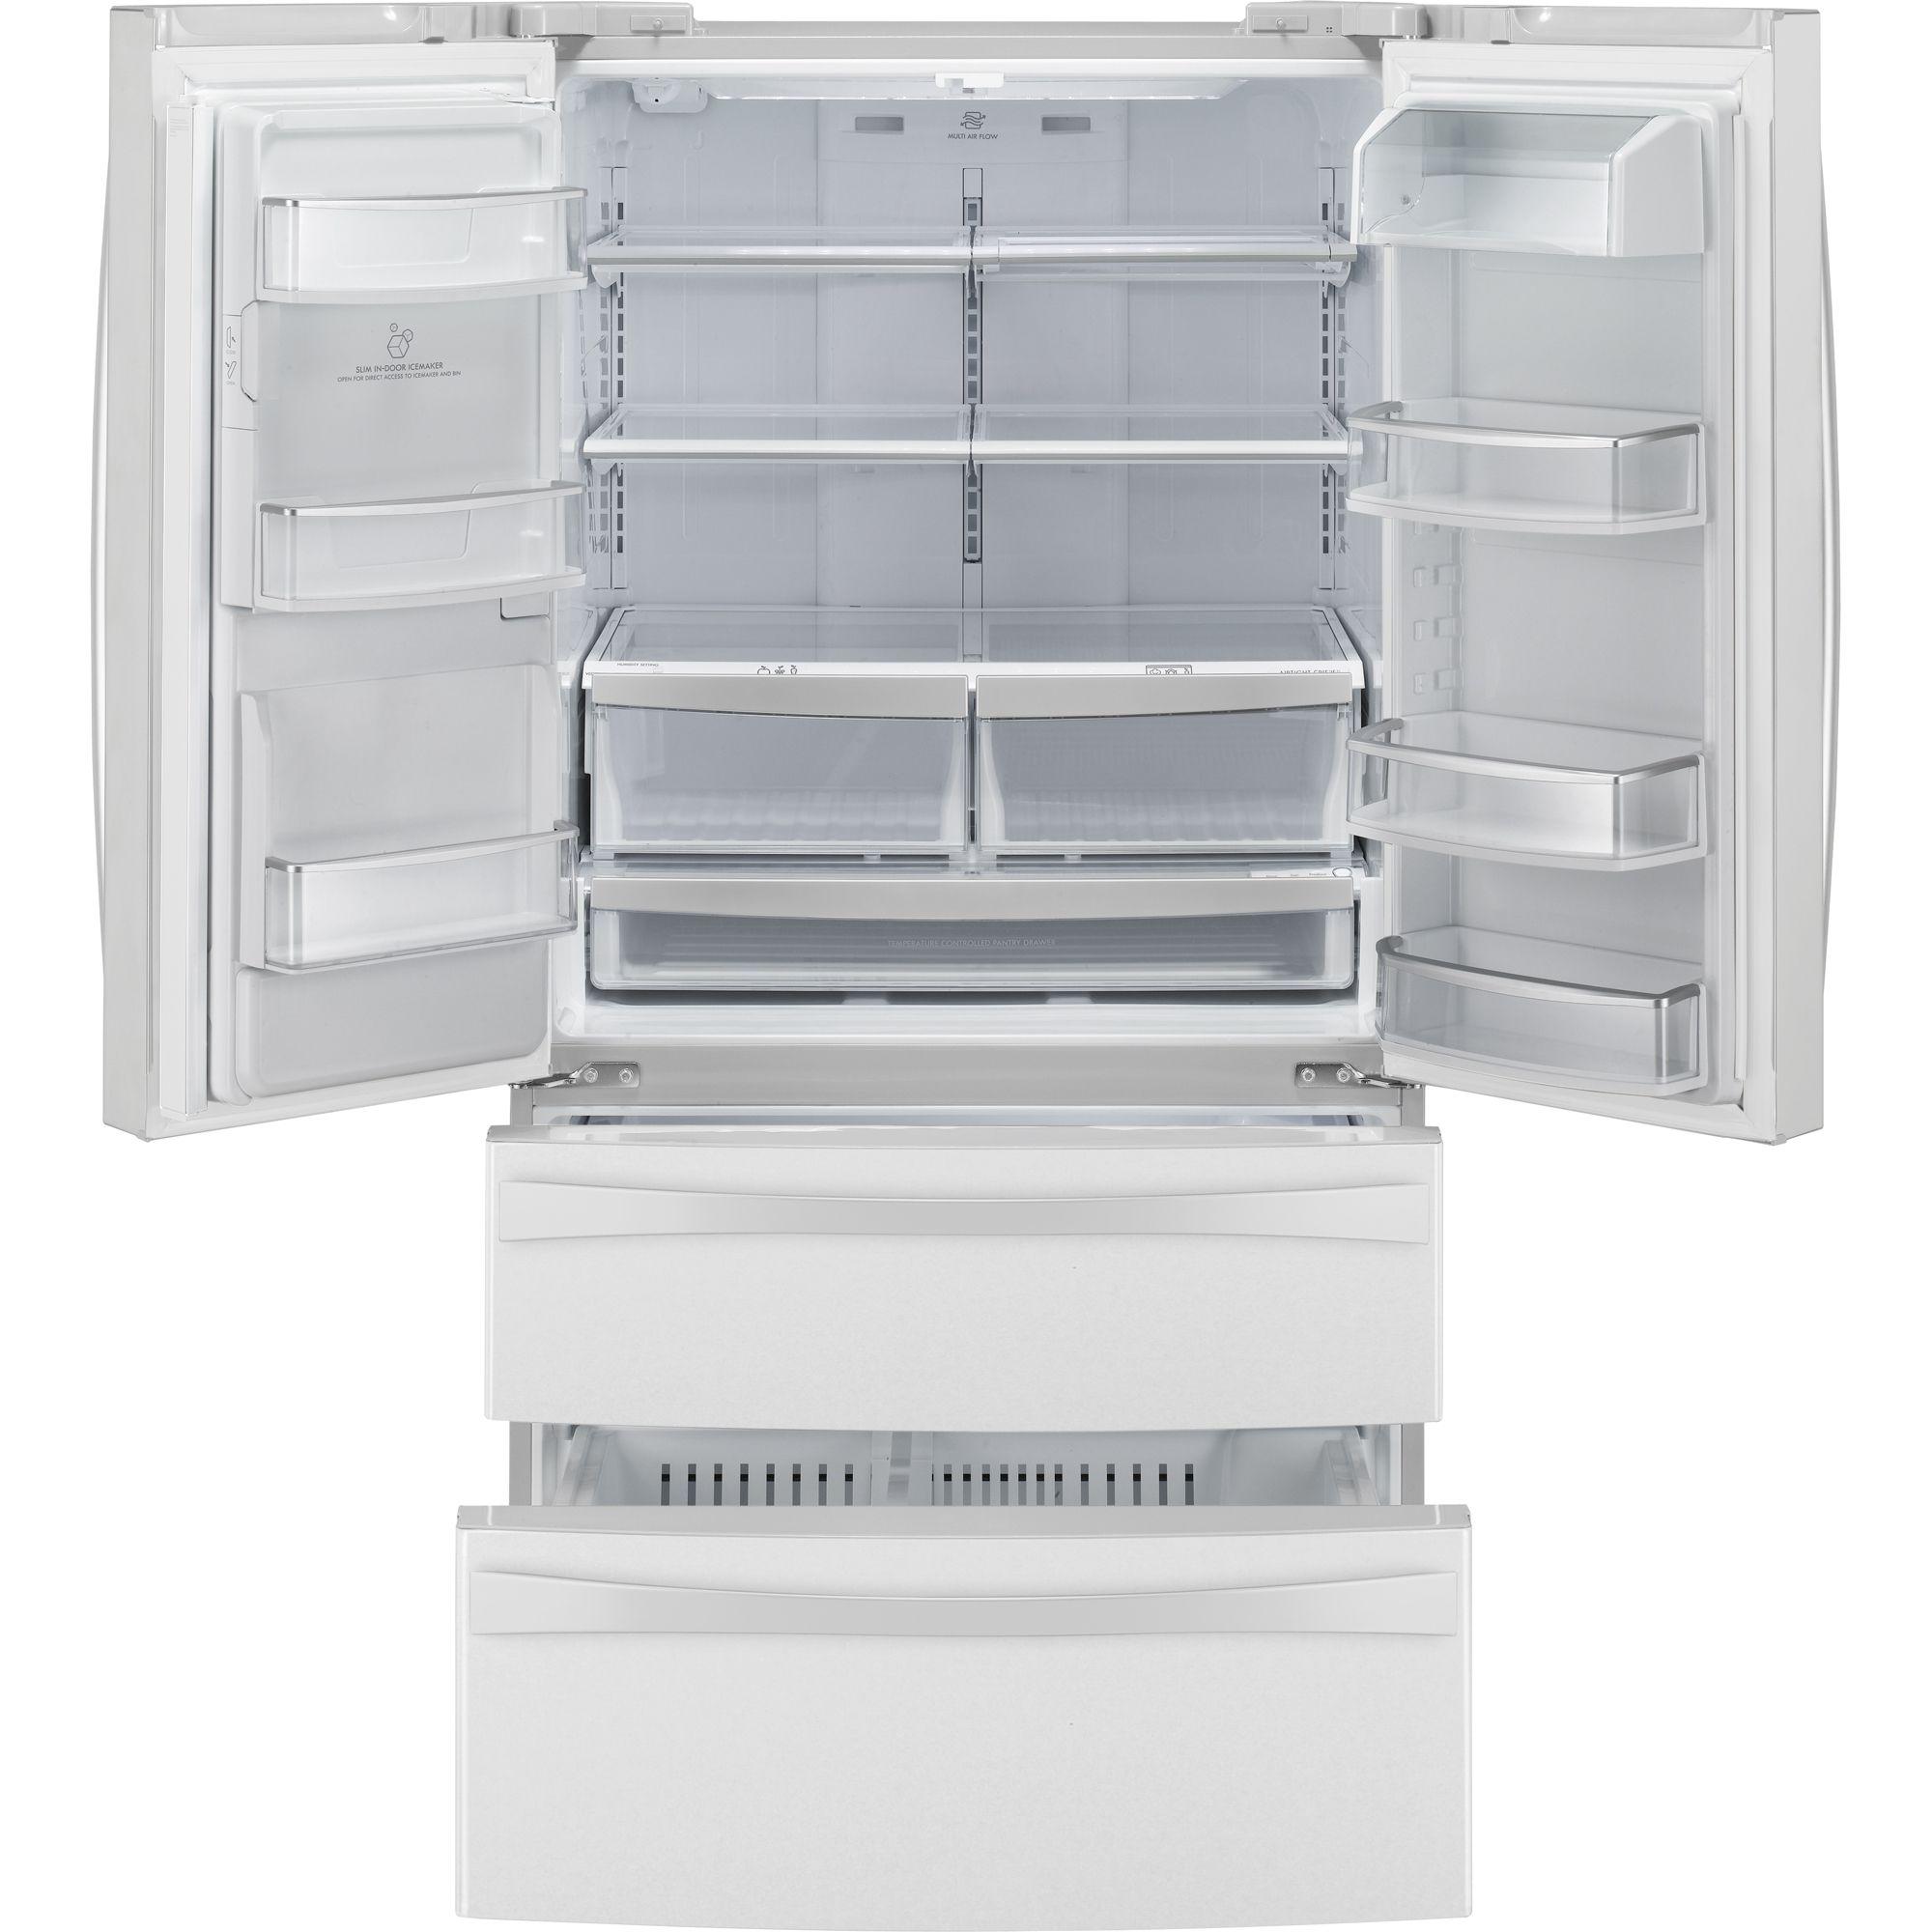 Kenmore Elite 27.5 cu. ft. French-Door Bottom-Freezer Refrigerator